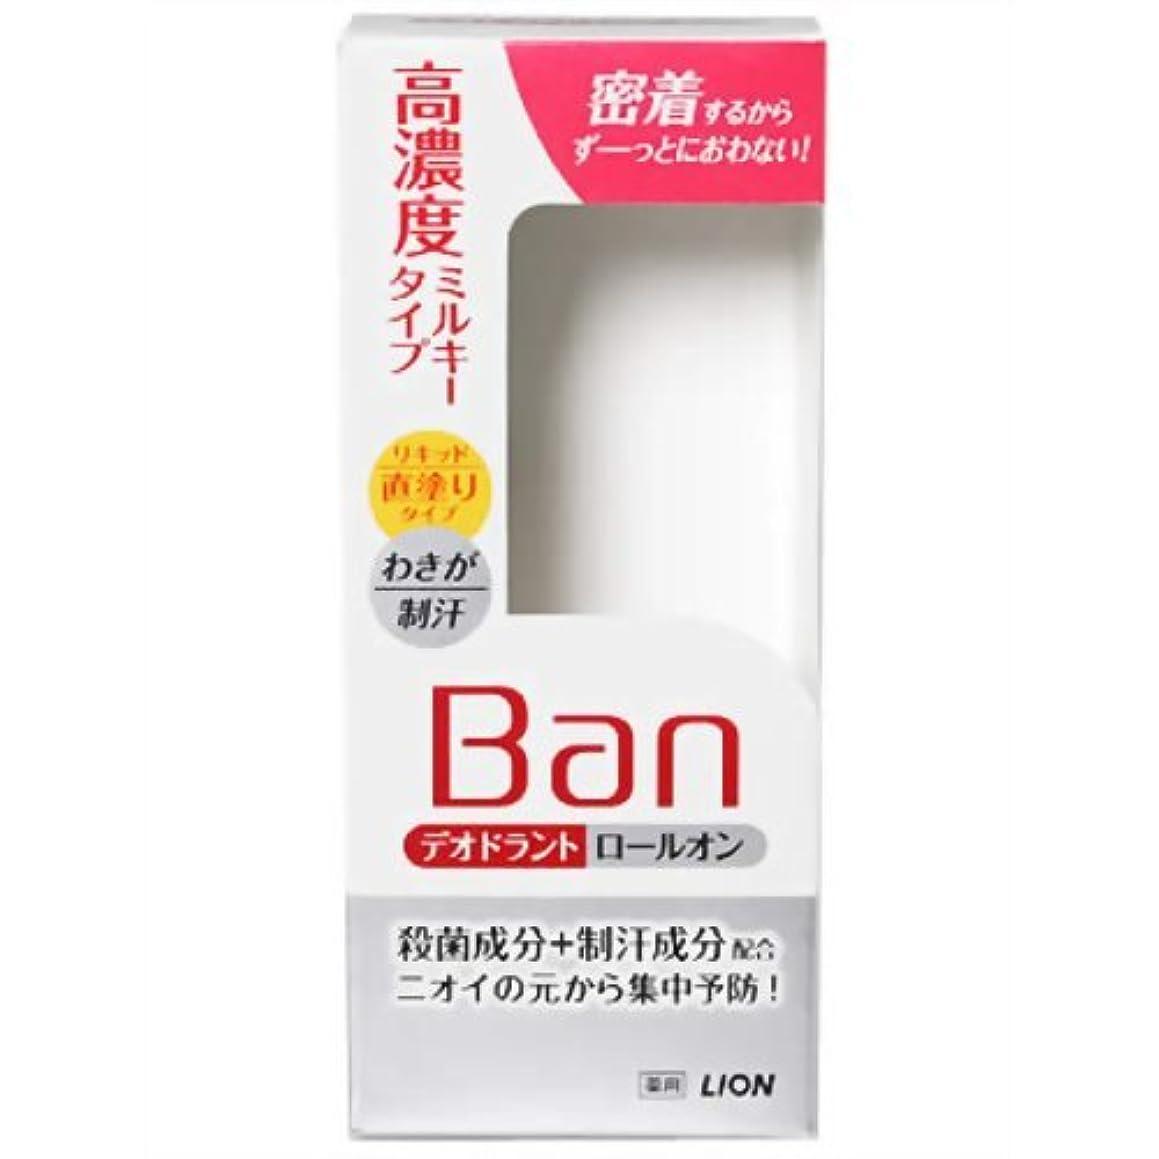 チャップ誰かローラーBan(バン) デオドラントロールオン 高濃度ミルキータイプ 30ml